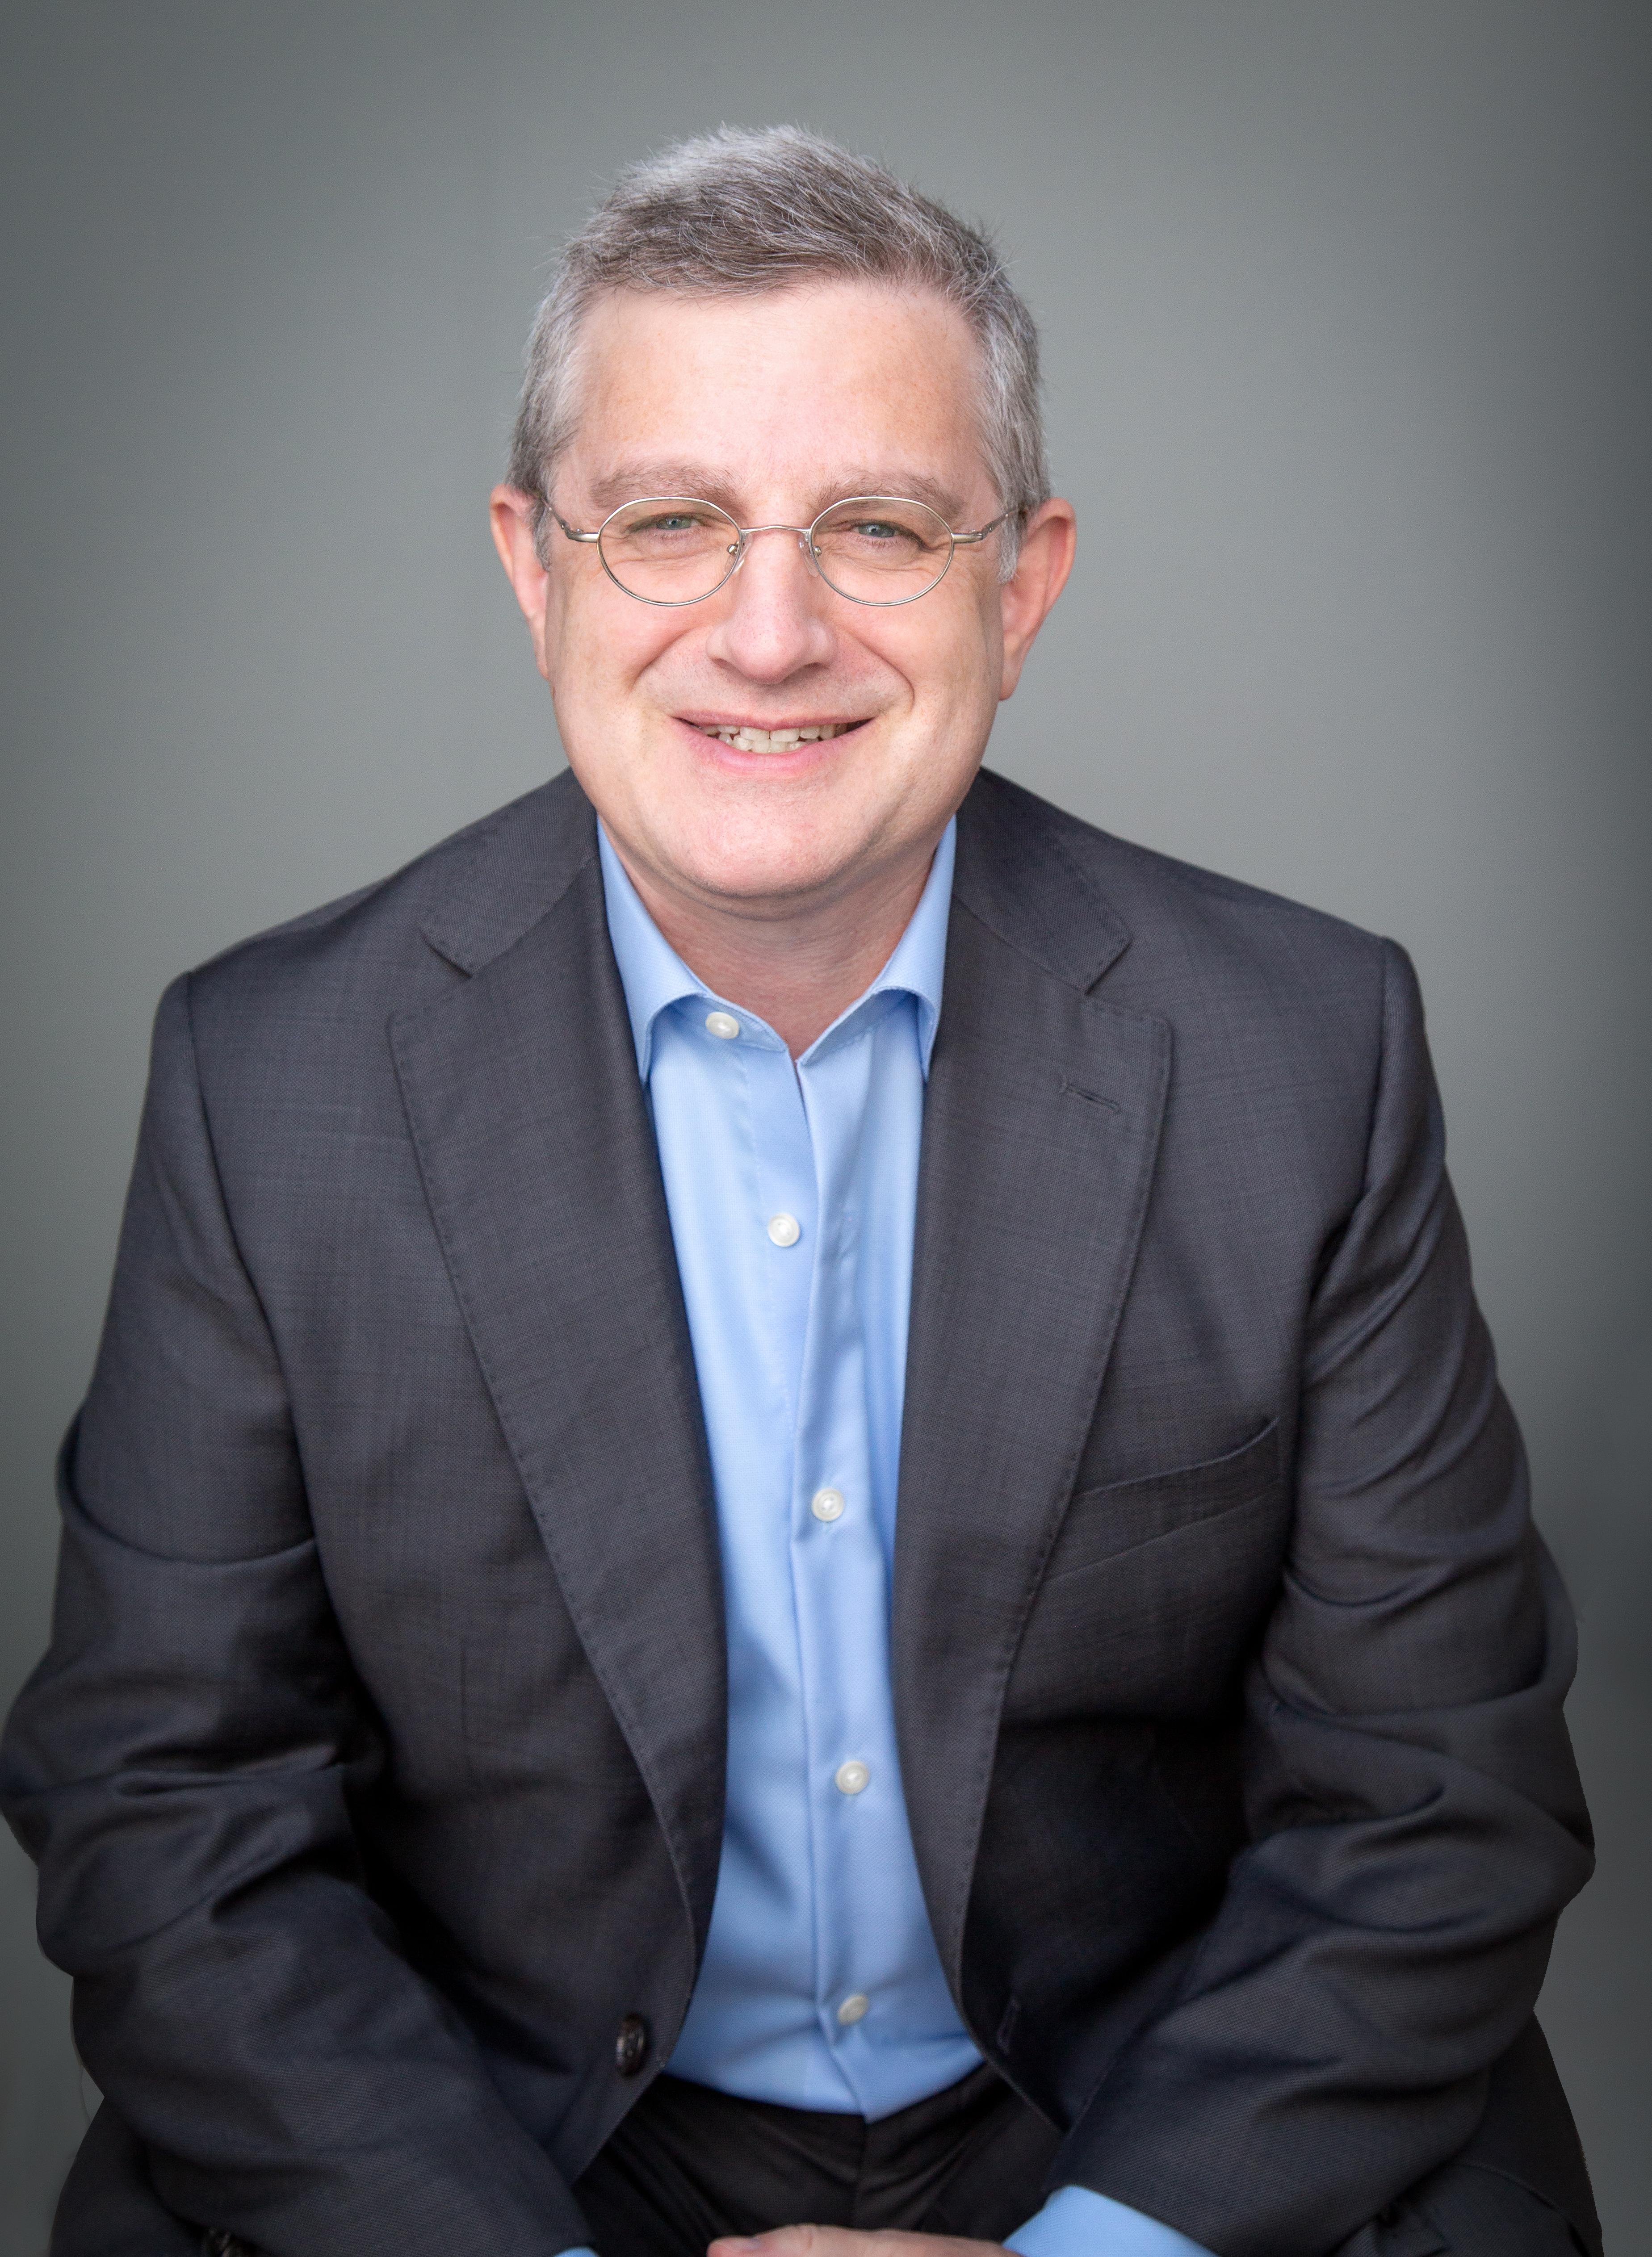 Robert Schoetz